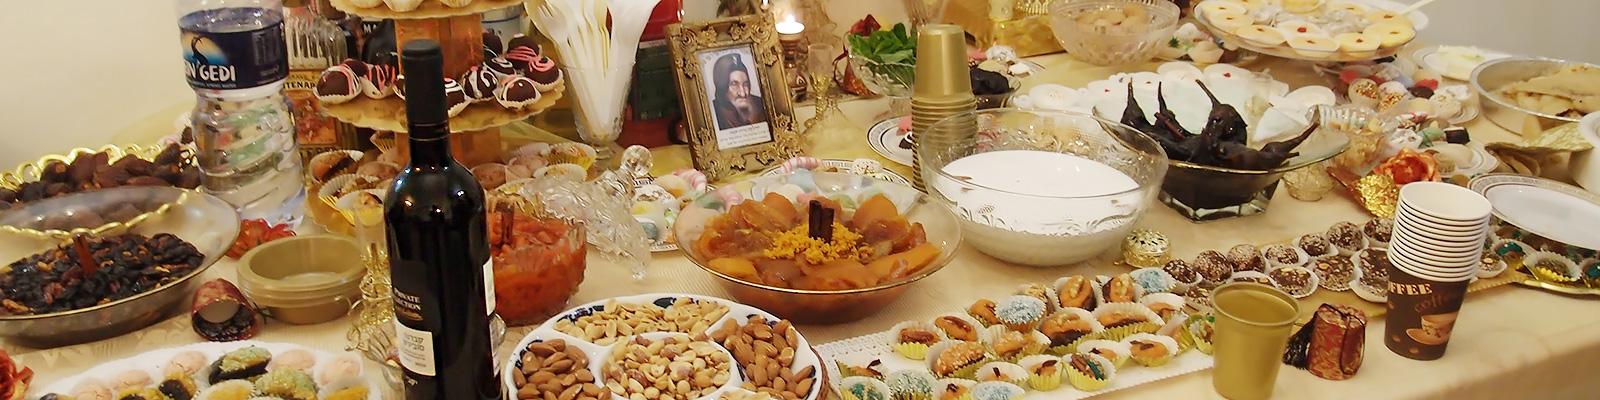 ペサハの小麦断ち明けを祝う「ミムナ」(Mimouna)